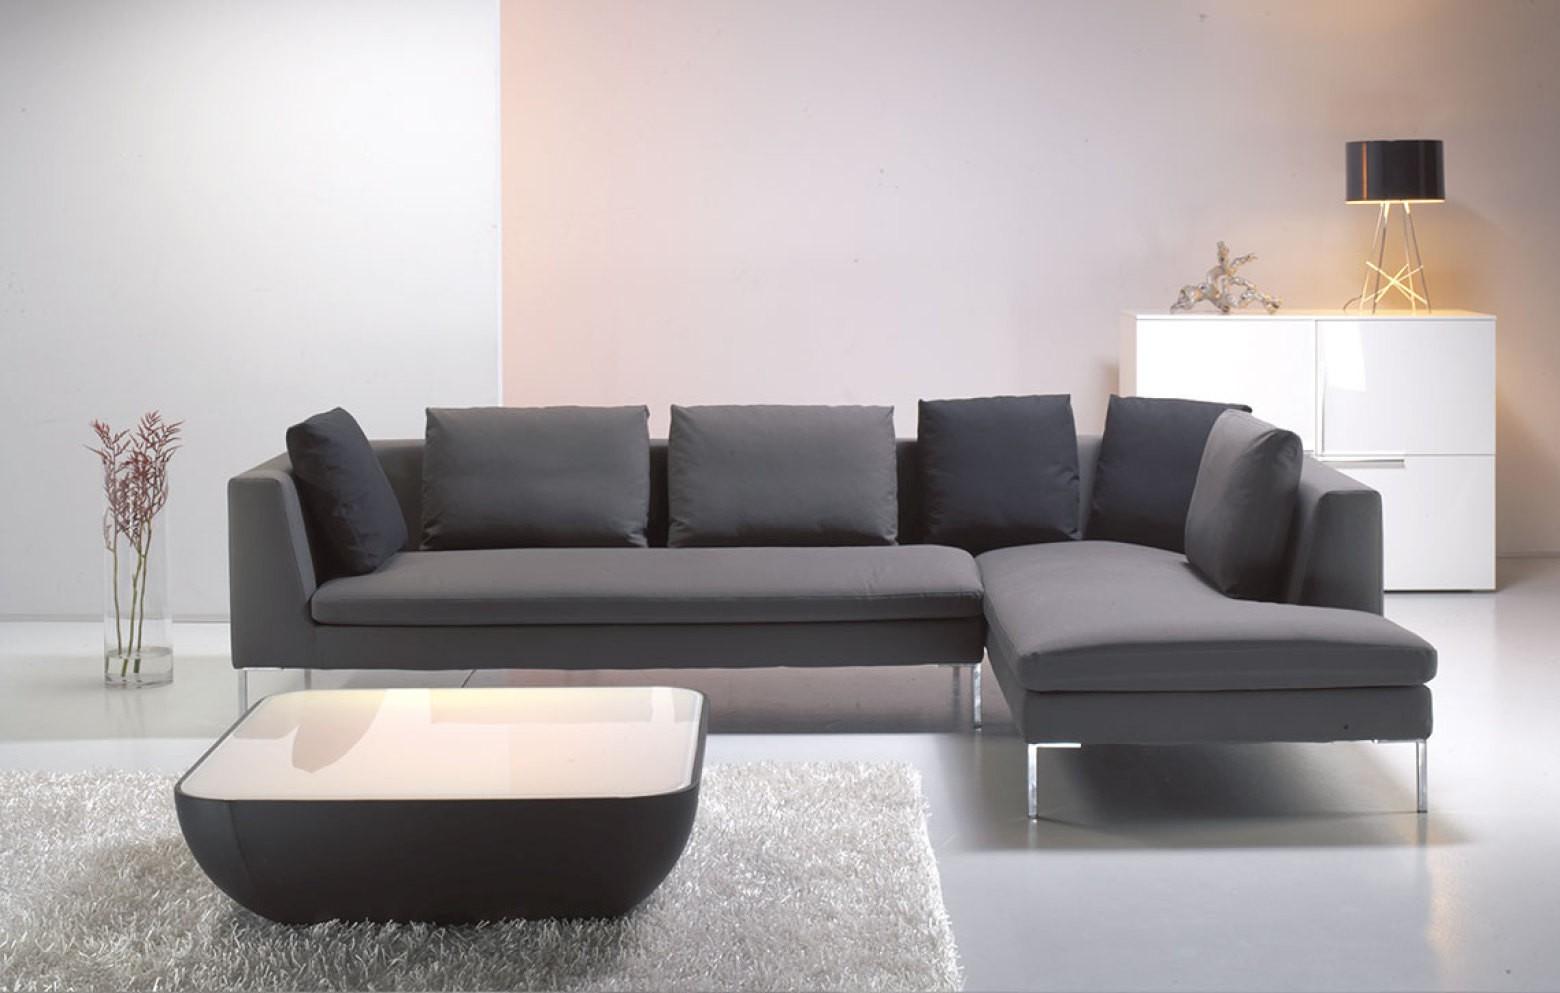 gnstig ecksofa kaufen stunning sofa couch ecksofa eckcouch in graubraun schwarz male r with. Black Bedroom Furniture Sets. Home Design Ideas